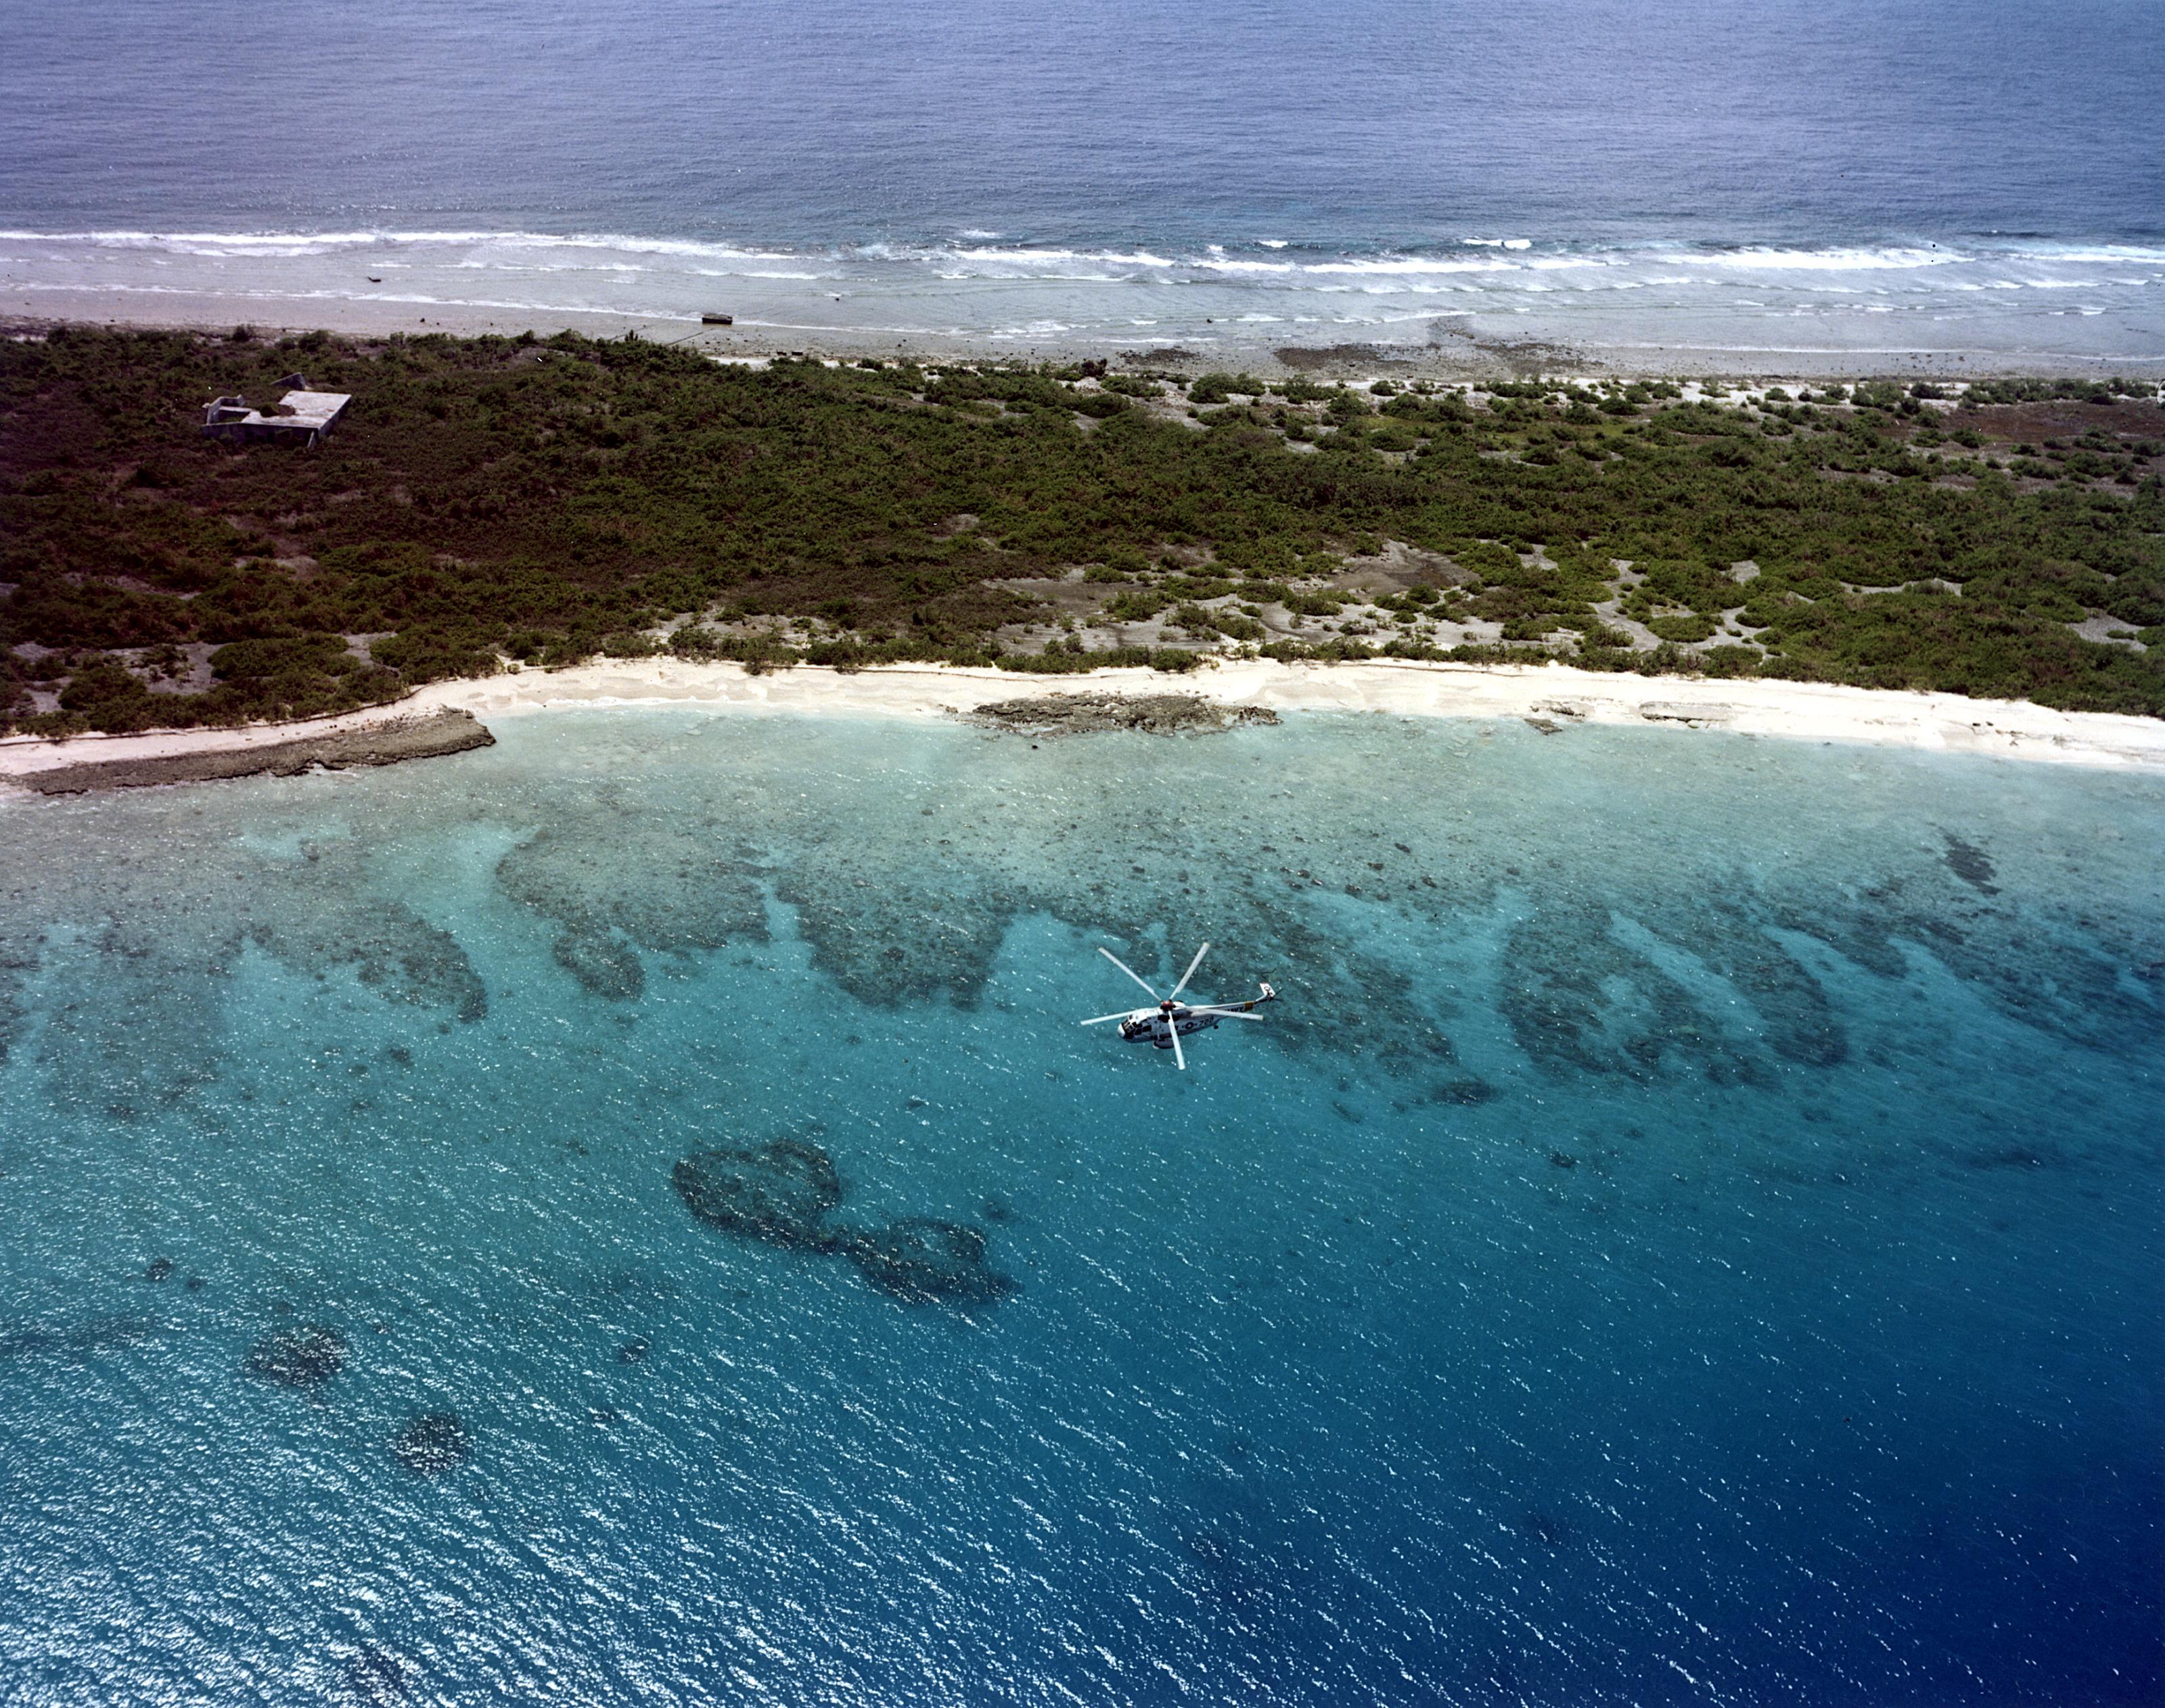 atolon de bikini 2